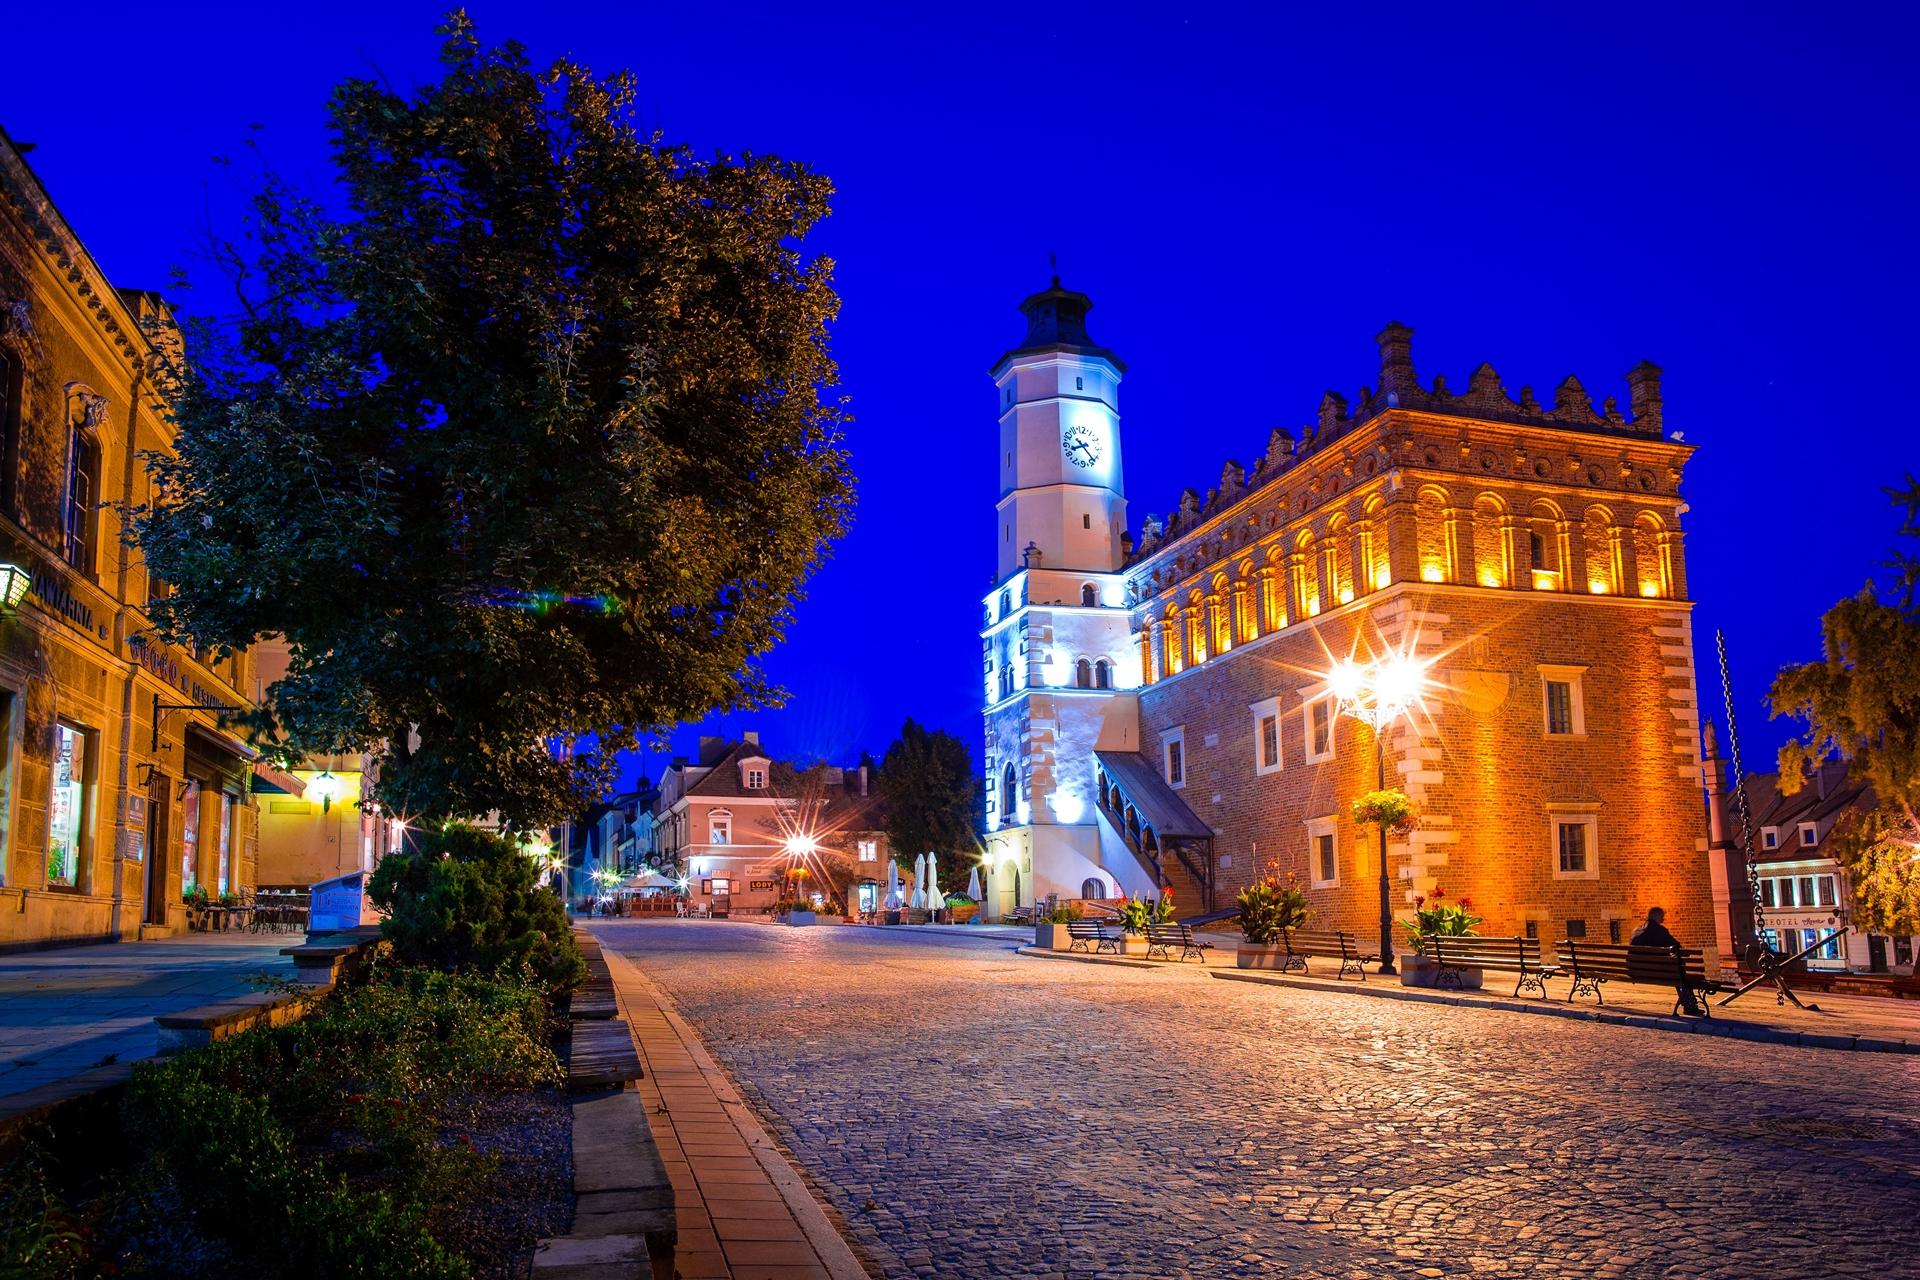 Nocne zwiedzanie miasta